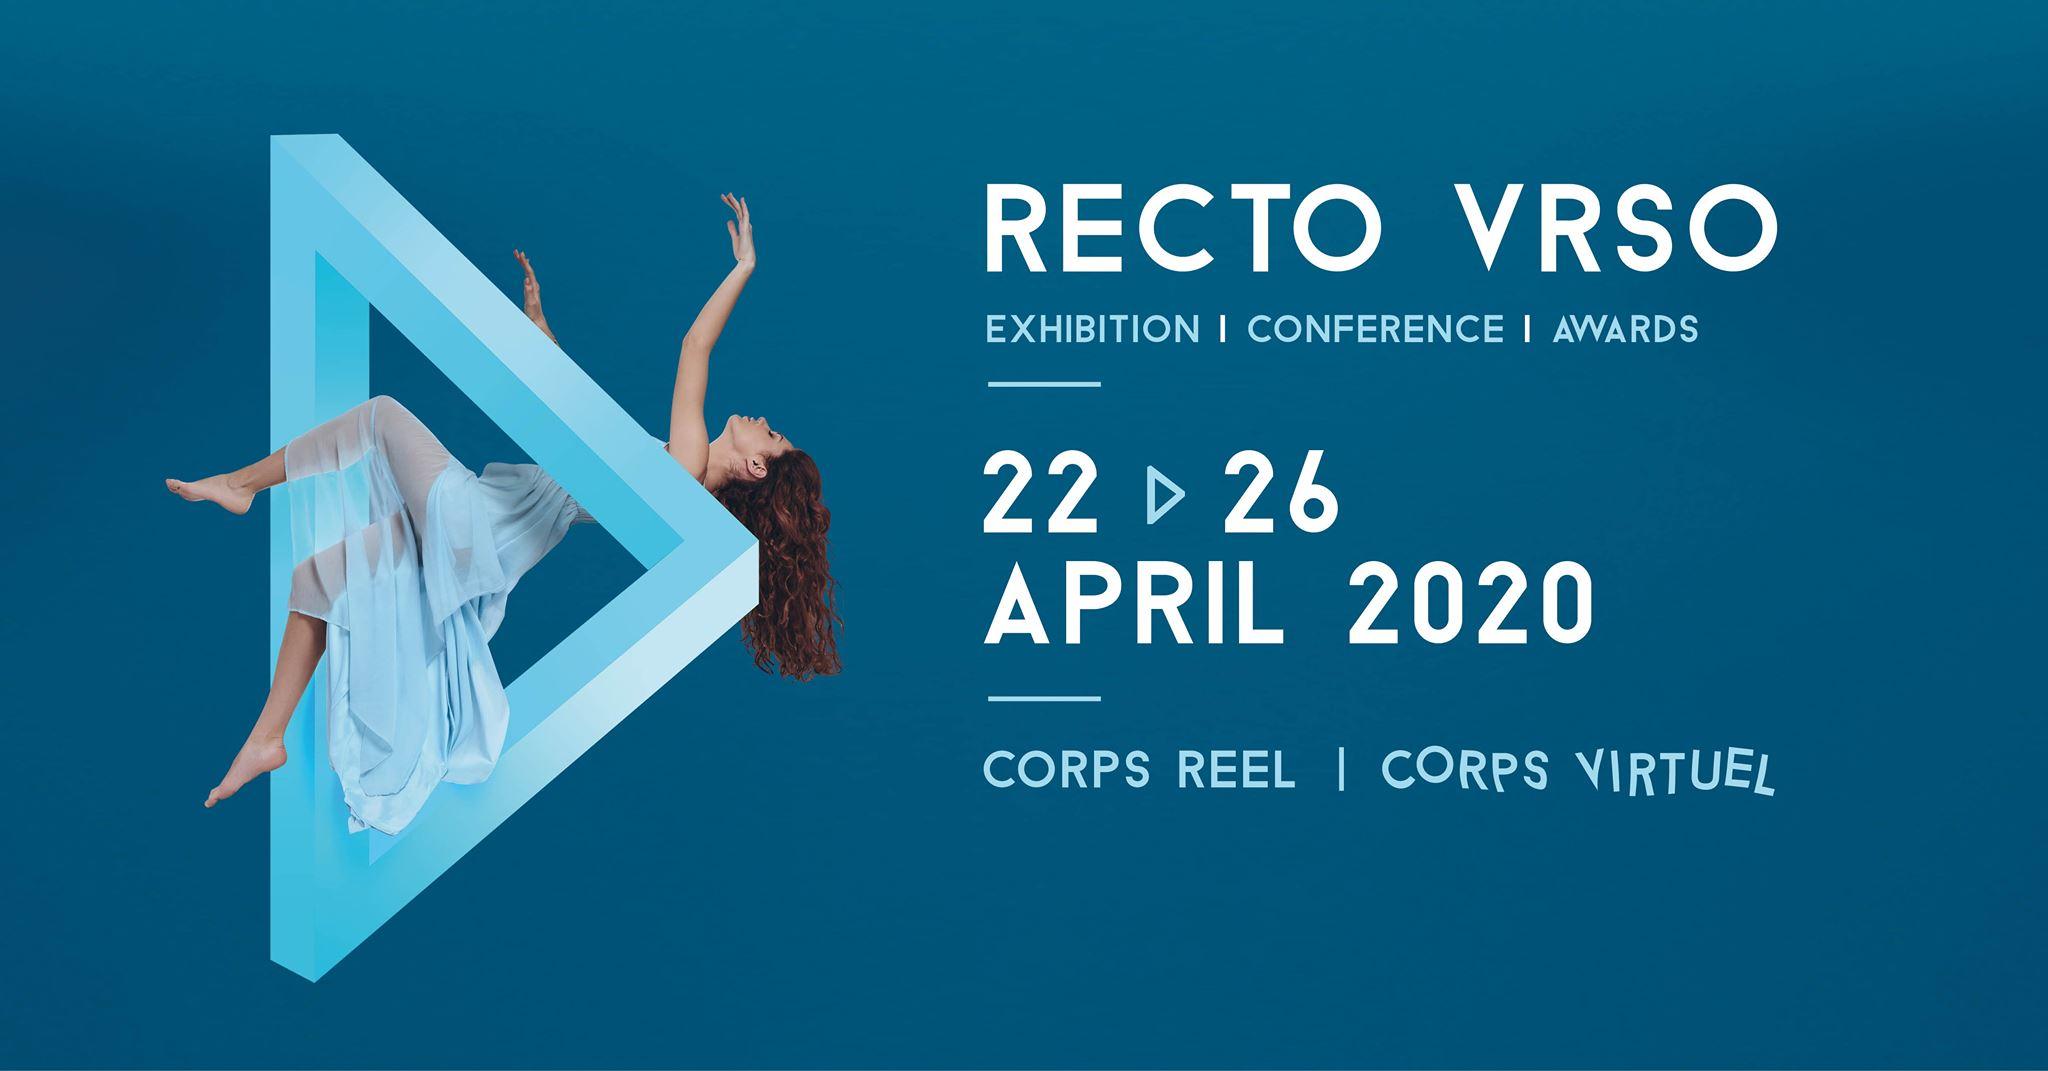 La 3ème édition du festival Recto VRso se tiendra du 22 au 26 avril 2020